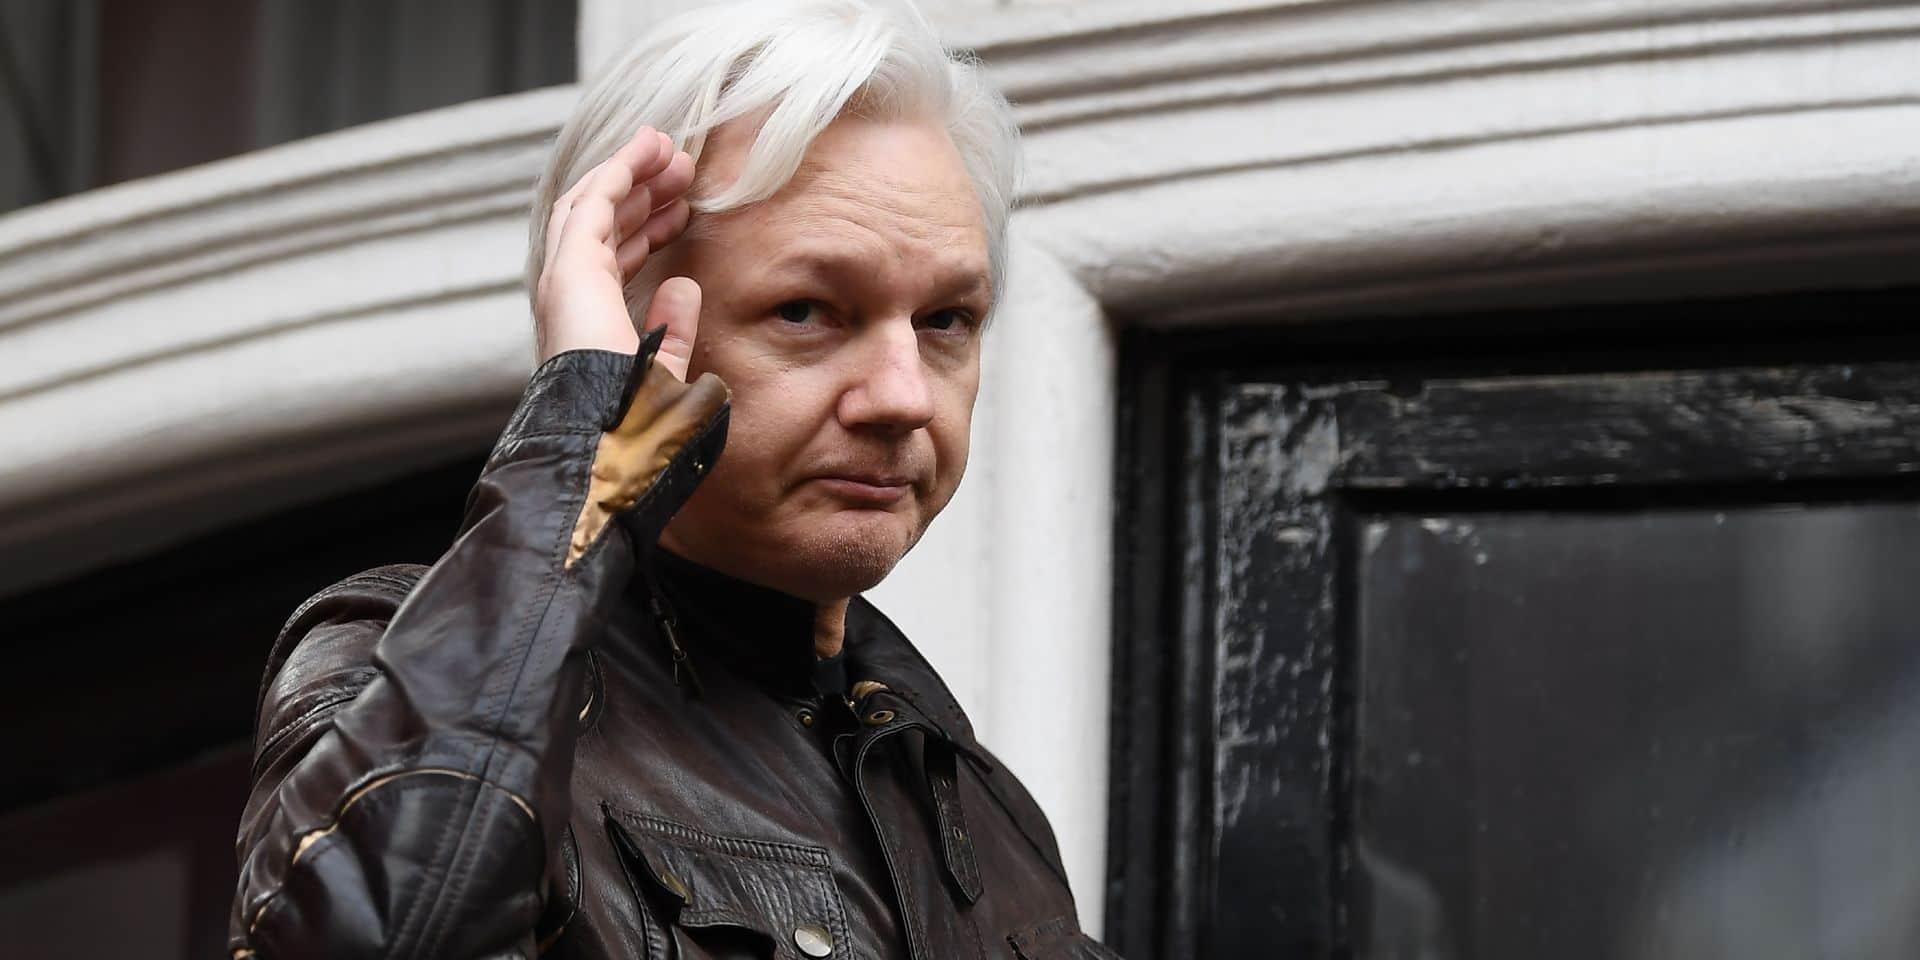 Suède: Julian Assange fixé sur son éventuelle détention pour viol présumé